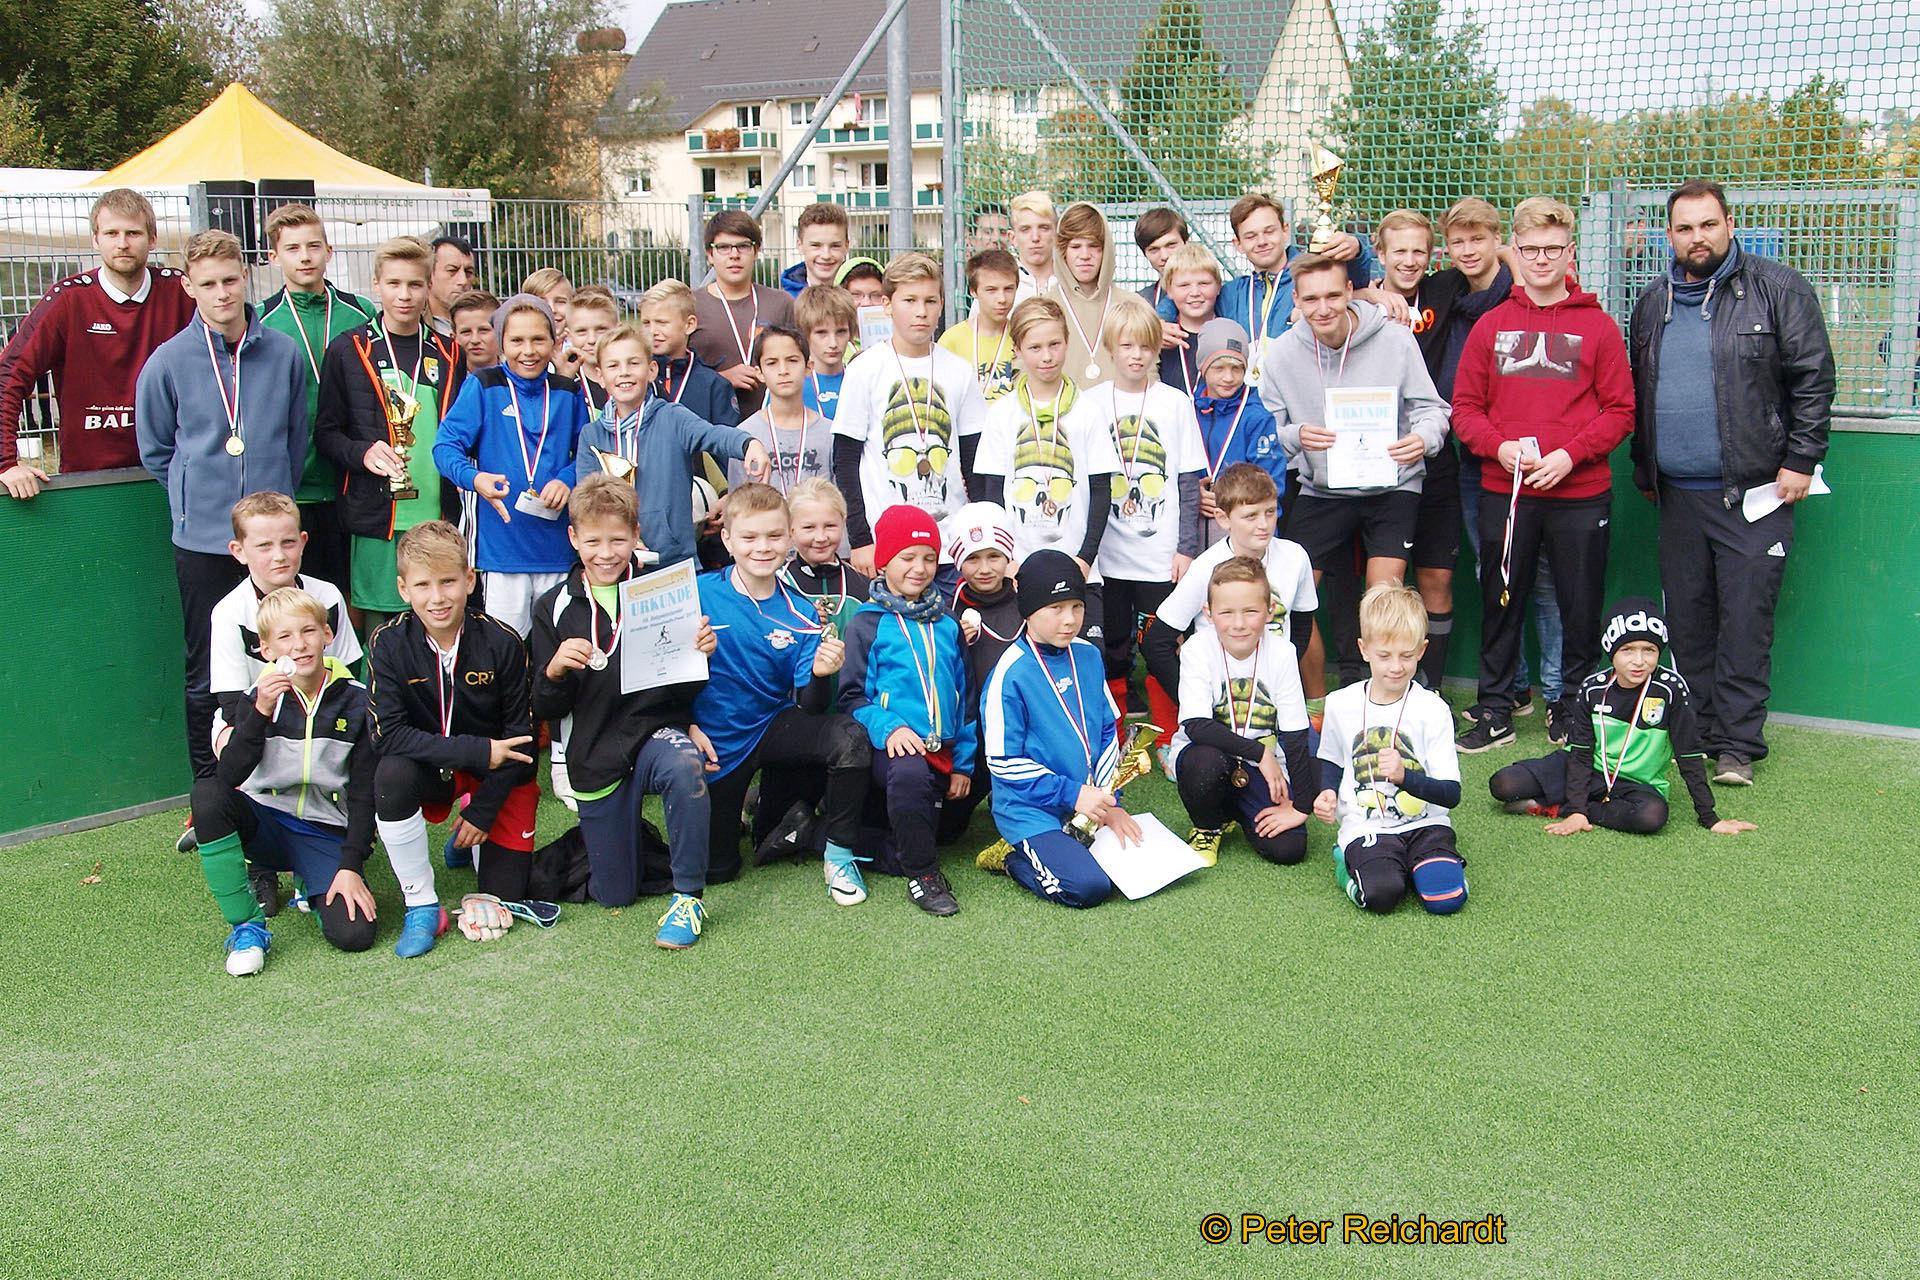 Fußballtradition im Greizer Neustadtfest wurde mit dem 15. Bolzplatzturnier fortgesetzt